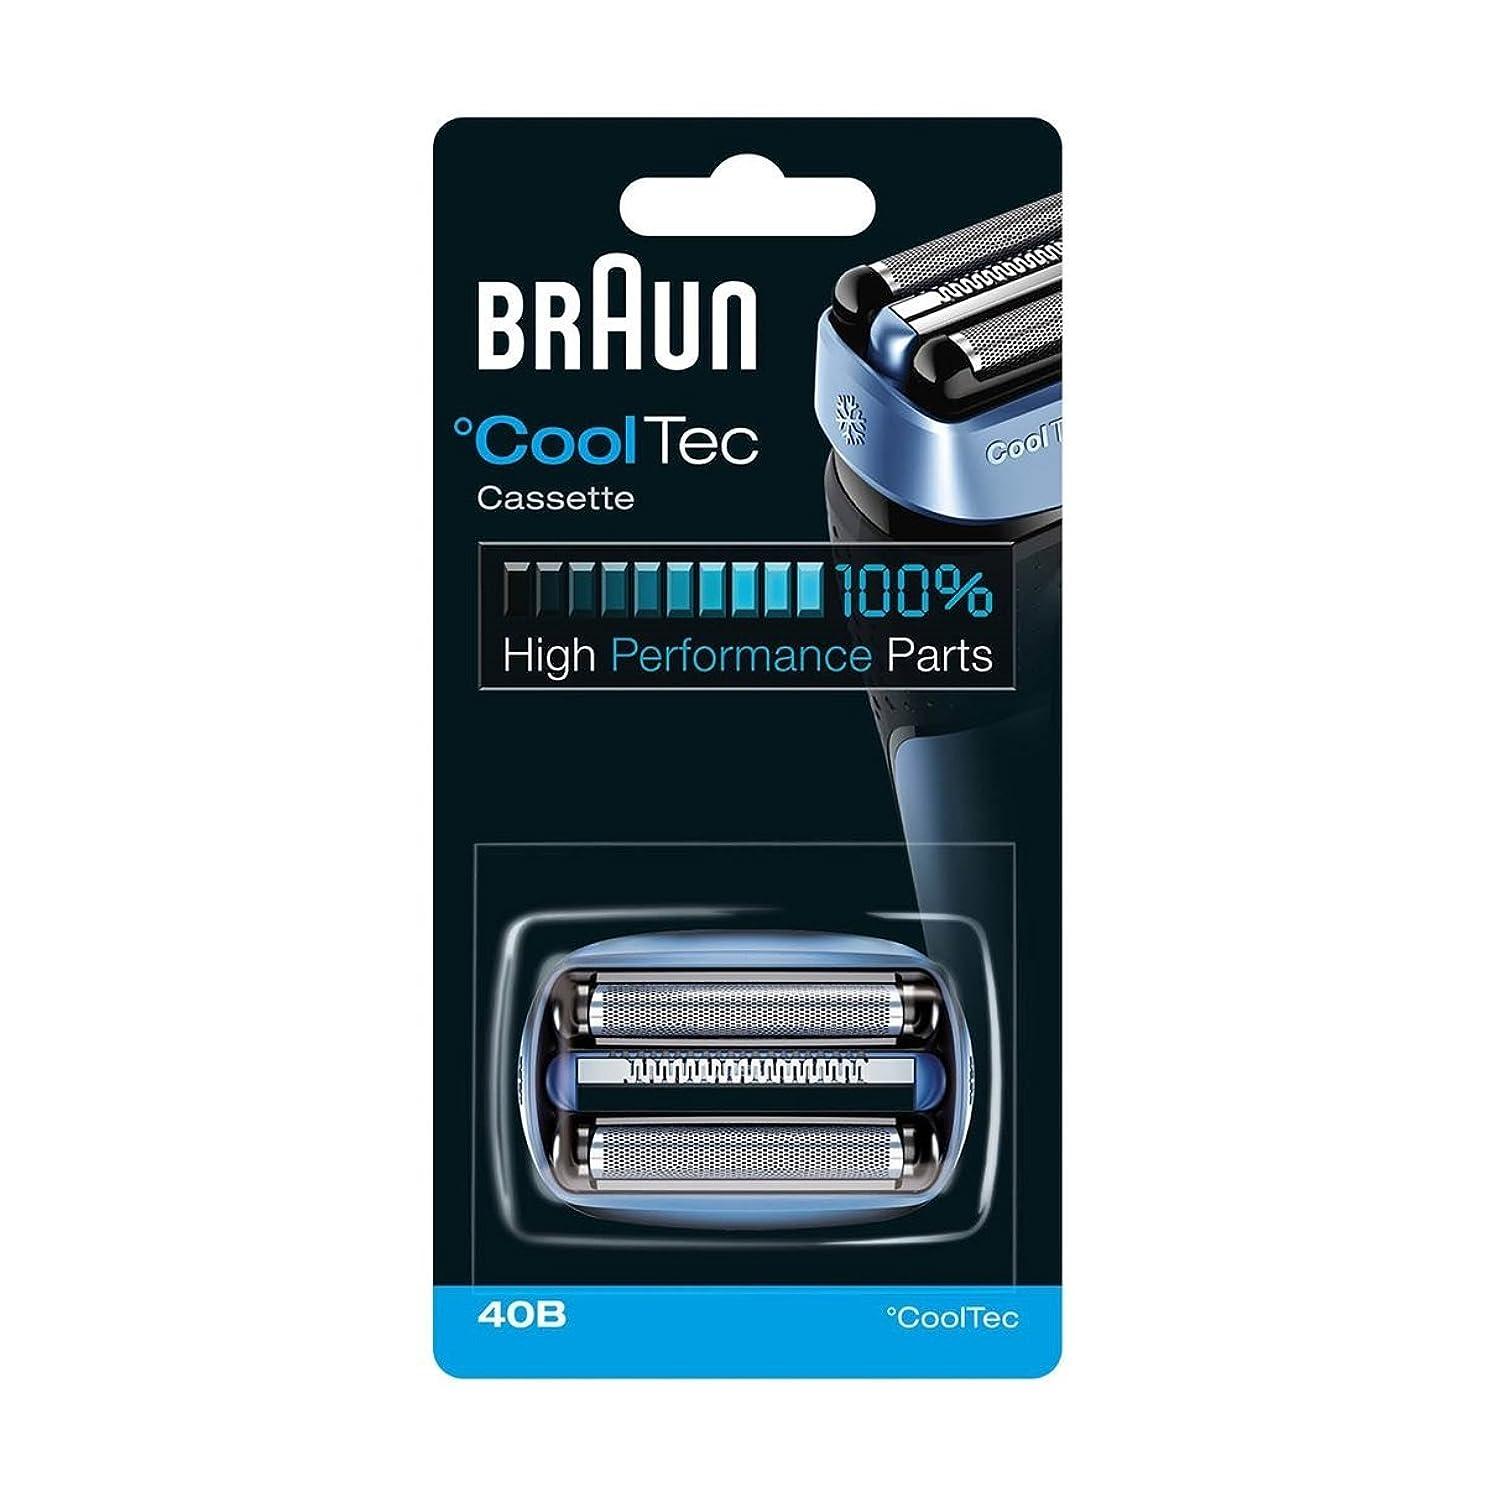 何でもバイオリニスト違う【並行輸入品】BRAUN 40B Foil and Cutter Replacement Cartridge for CoolTec shavers series